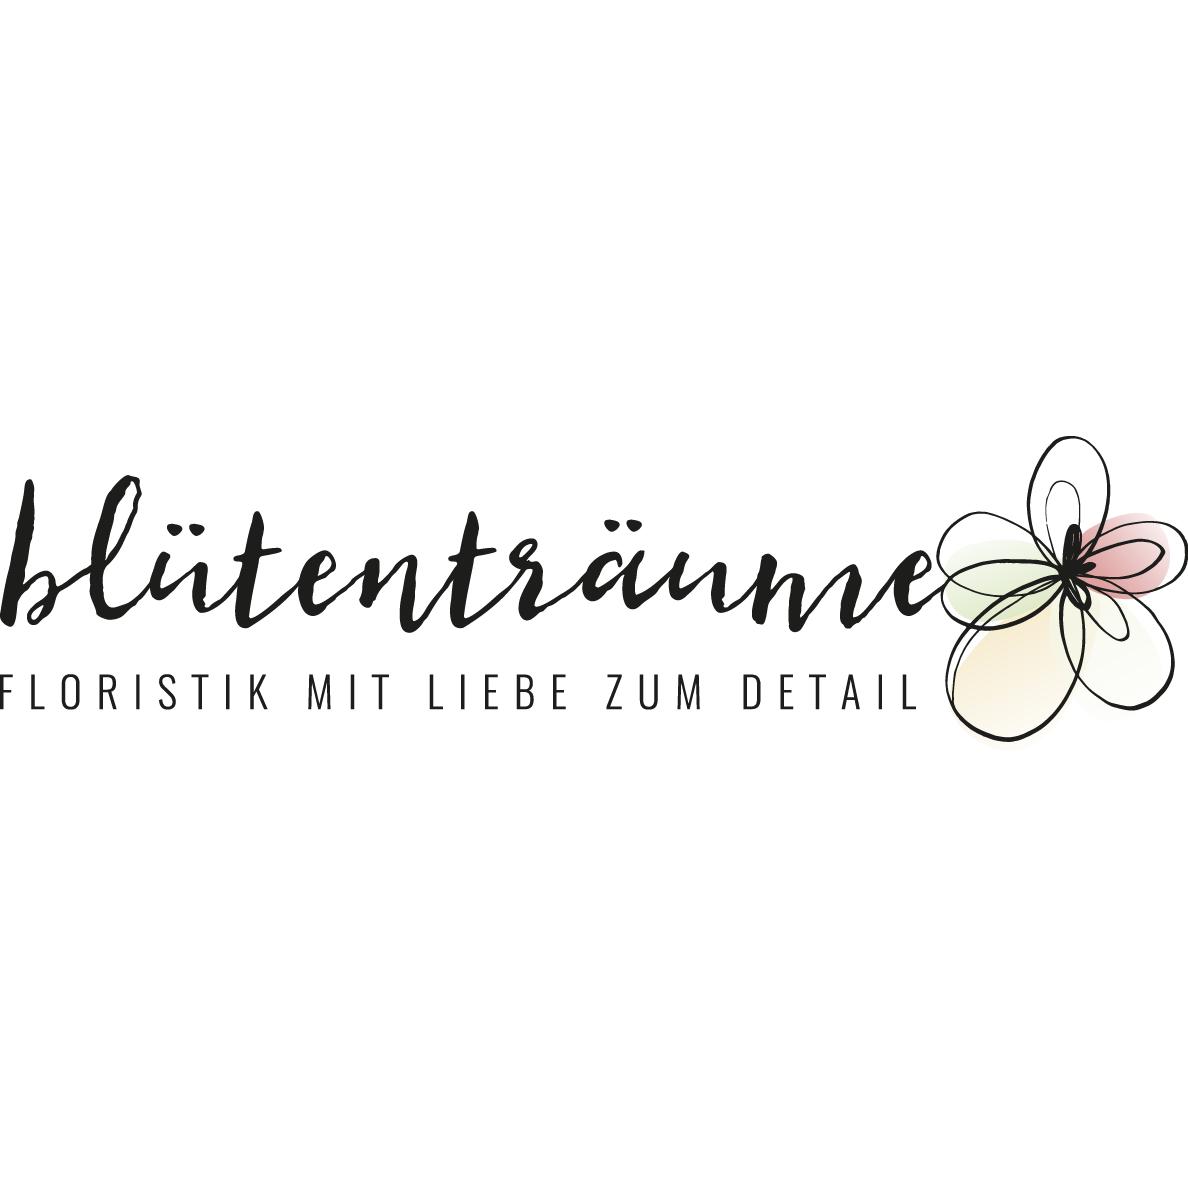 Bild zu Blütenträume - Floristik mit Liebe zum Detail in Oestrich Winkel